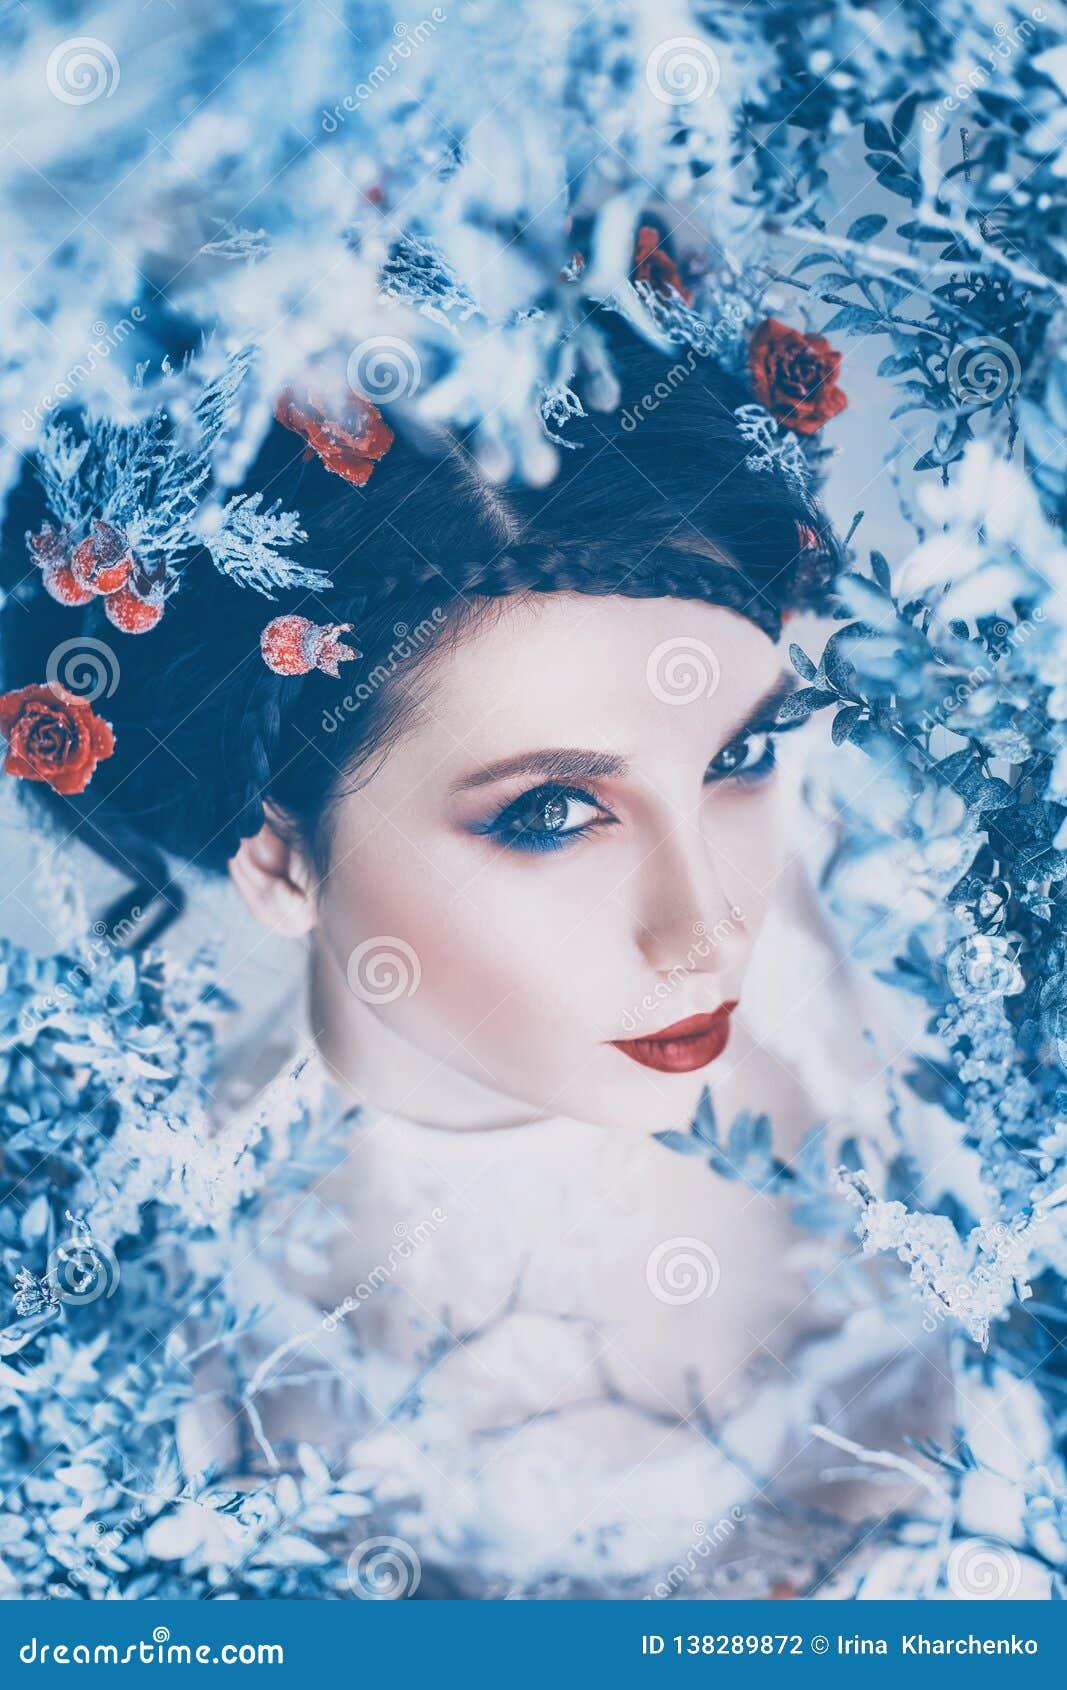 Regina maestosa fiera dell inverno e del freddo eterno in vestito bianco lungo con capelli raccolti scuri ornati con le rose cong